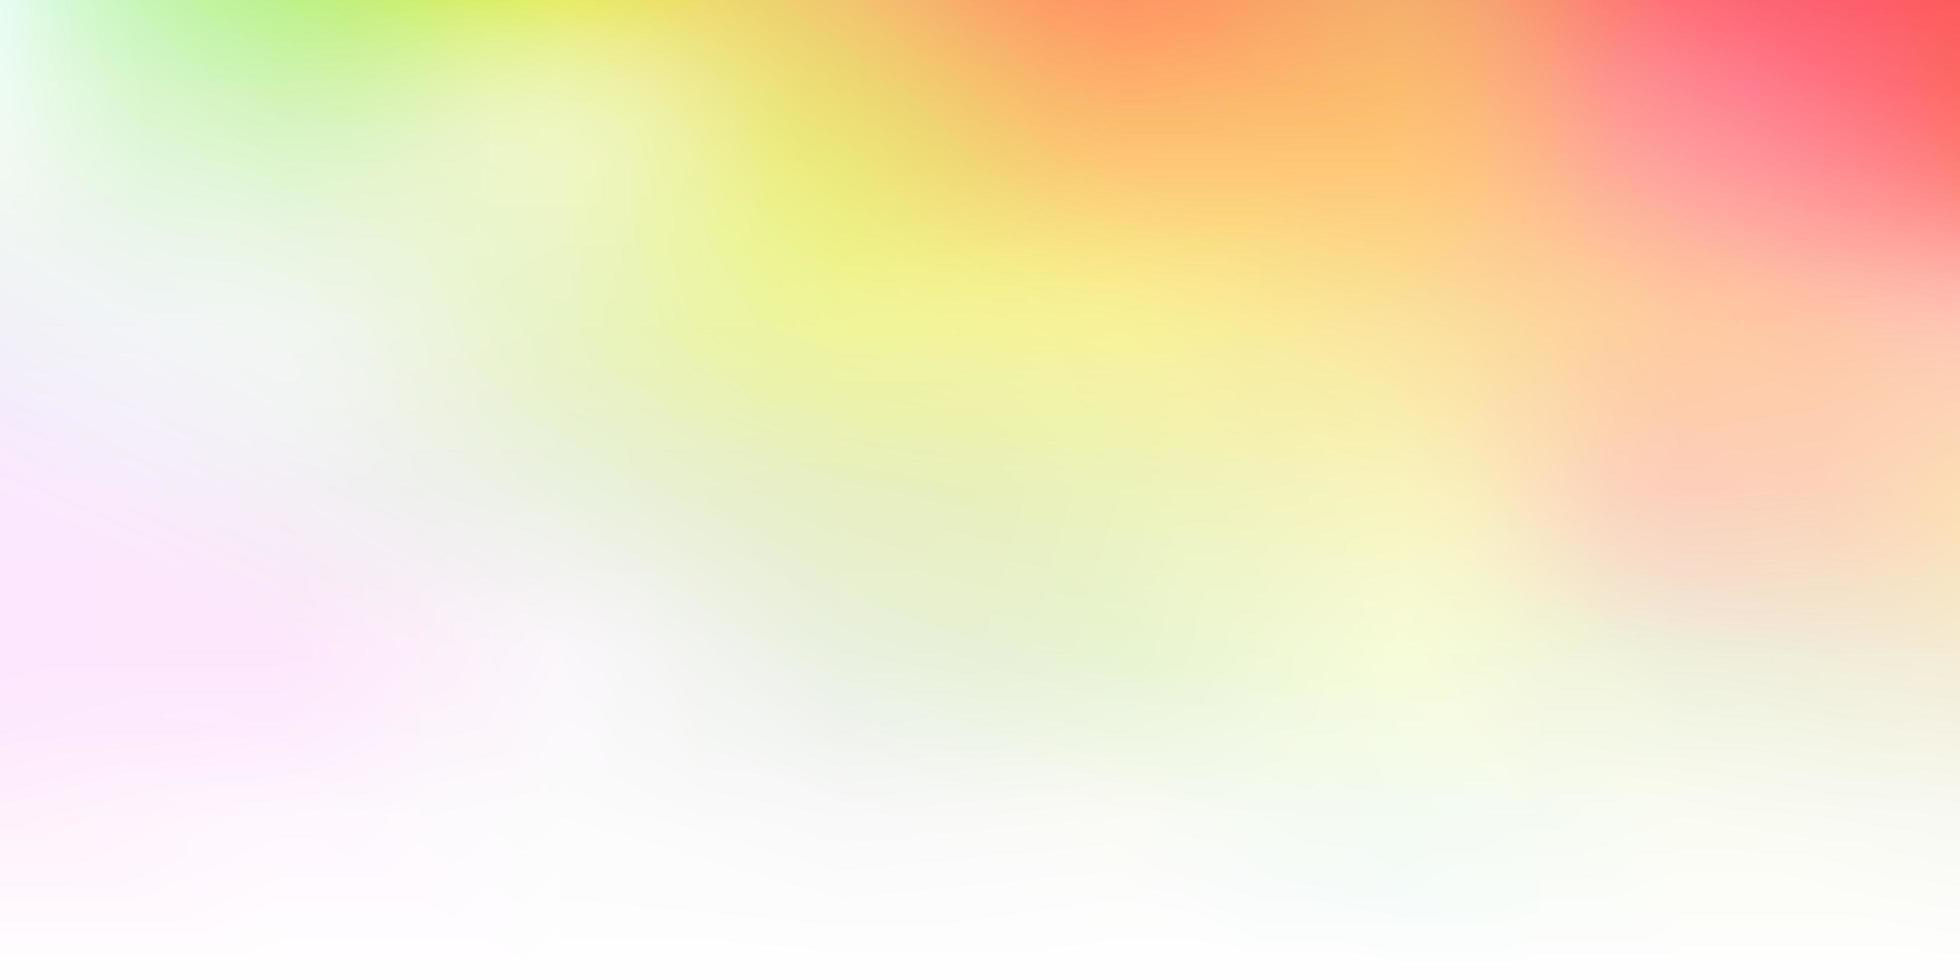 Licht mehrfarbige Vektor abstrakte Unschärfe Layout.